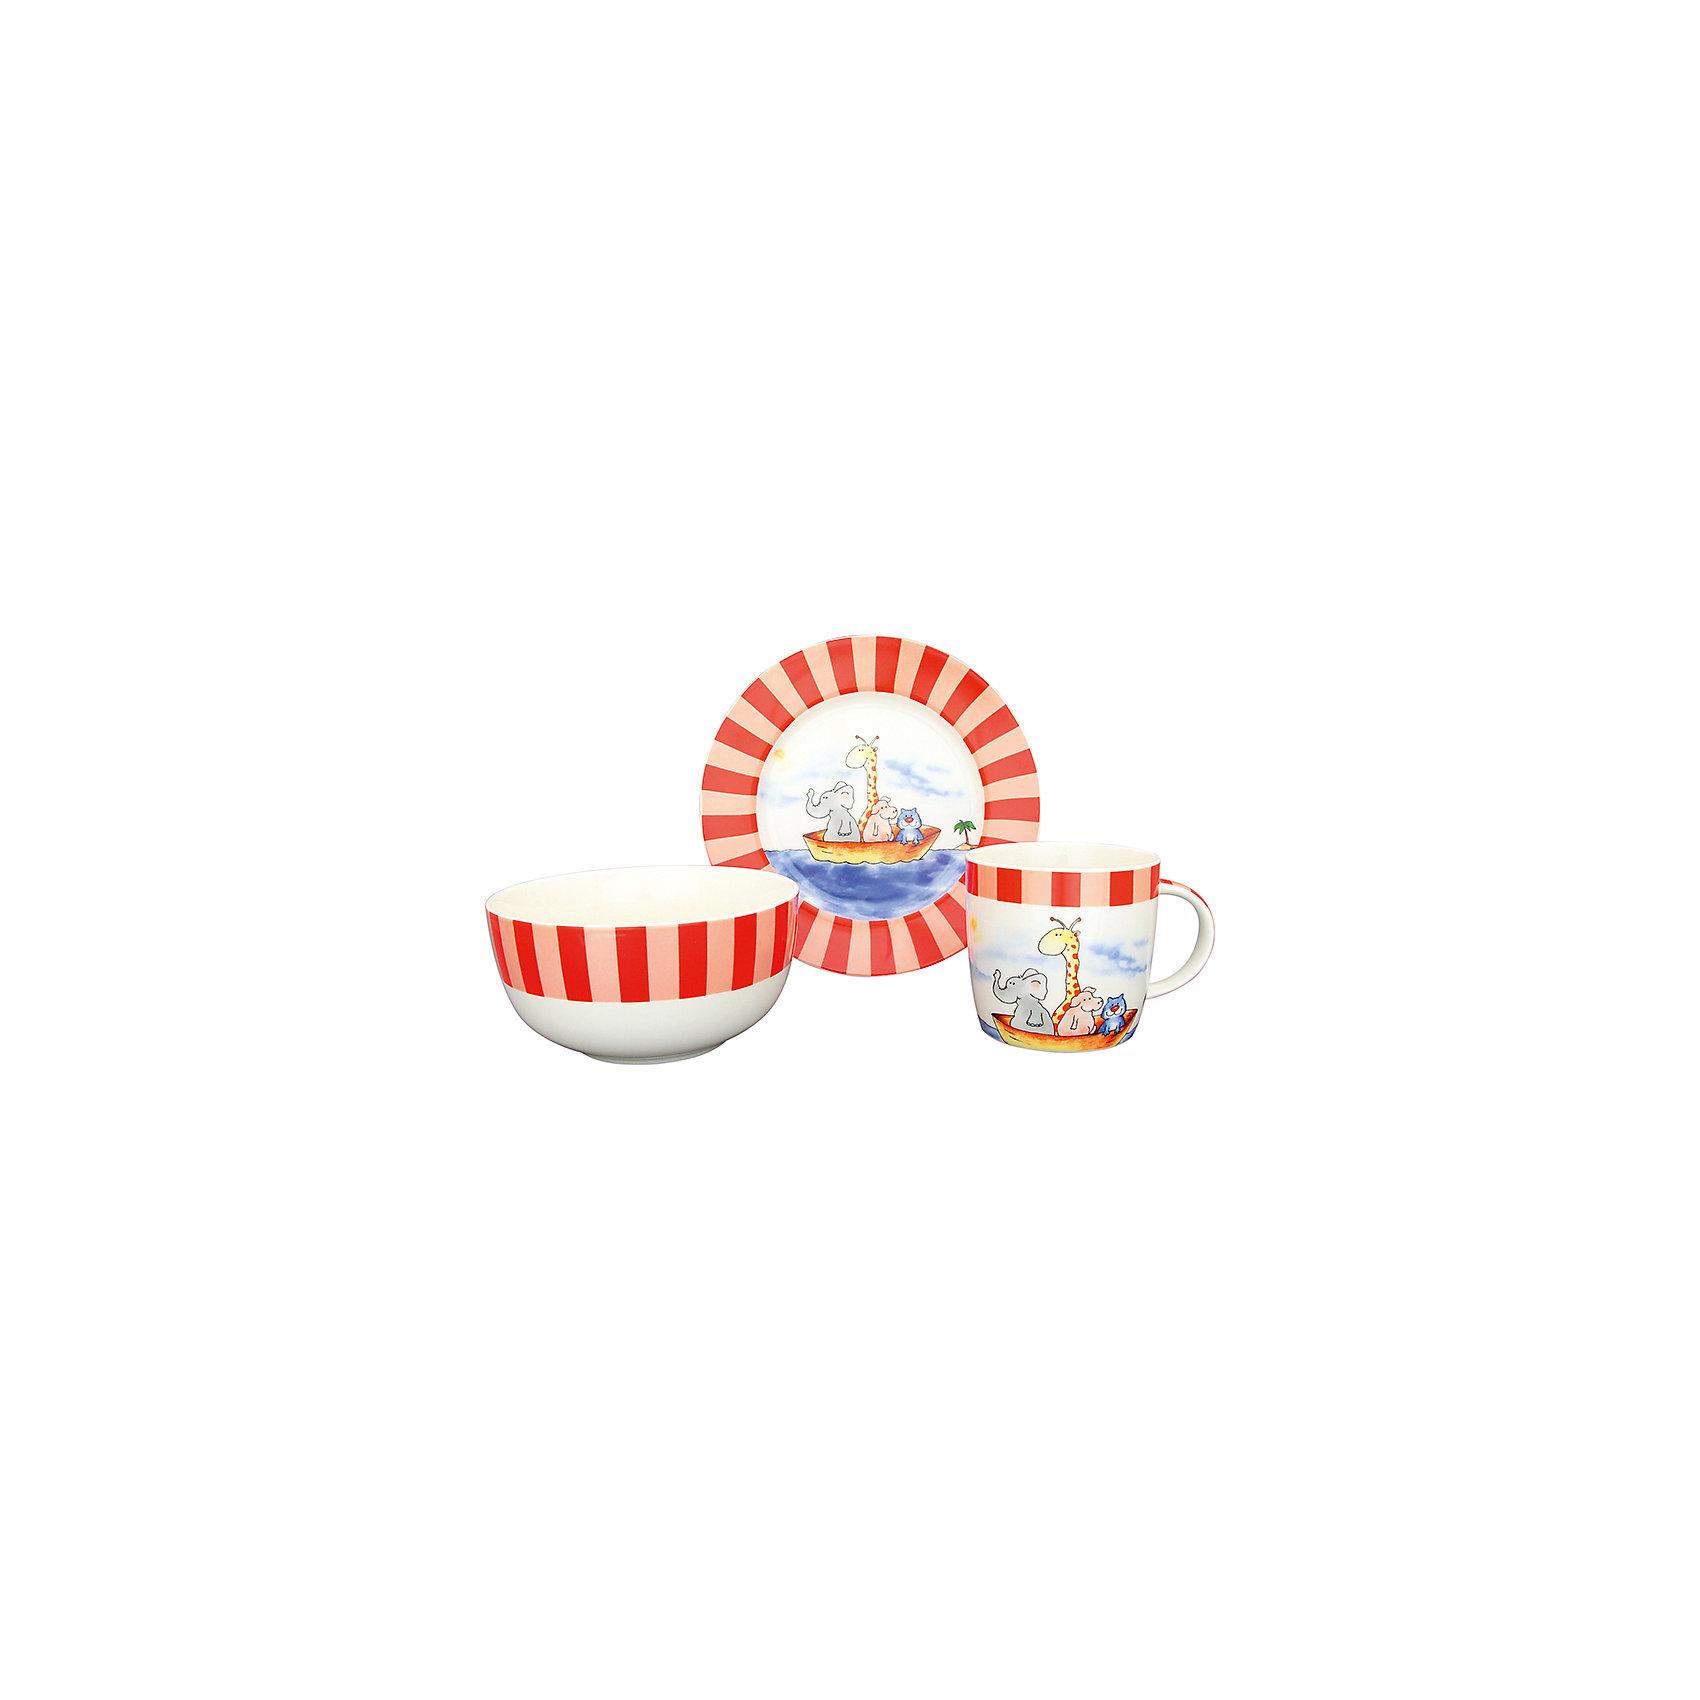 Набор детский 3 пр.Веселые путешественники в чемоданчике, Elan GalleryПосуда<br>Набор детский 3 пр. Elan Gallery Веселые путешественники в чемоданчике, Elan Gallery Личная посуда помогает малышу стать самостоятельным, а красивые рисунки превращают процесс питания в игру и улучшают аппетит. Изделие в подарочном металлическом чемоданчике.<br><br>Ширина мм: 250<br>Глубина мм: 100<br>Высота мм: 178<br>Вес г: 1333<br>Возраст от месяцев: 0<br>Возраст до месяцев: 1188<br>Пол: Унисекс<br>Возраст: Детский<br>SKU: 6668898